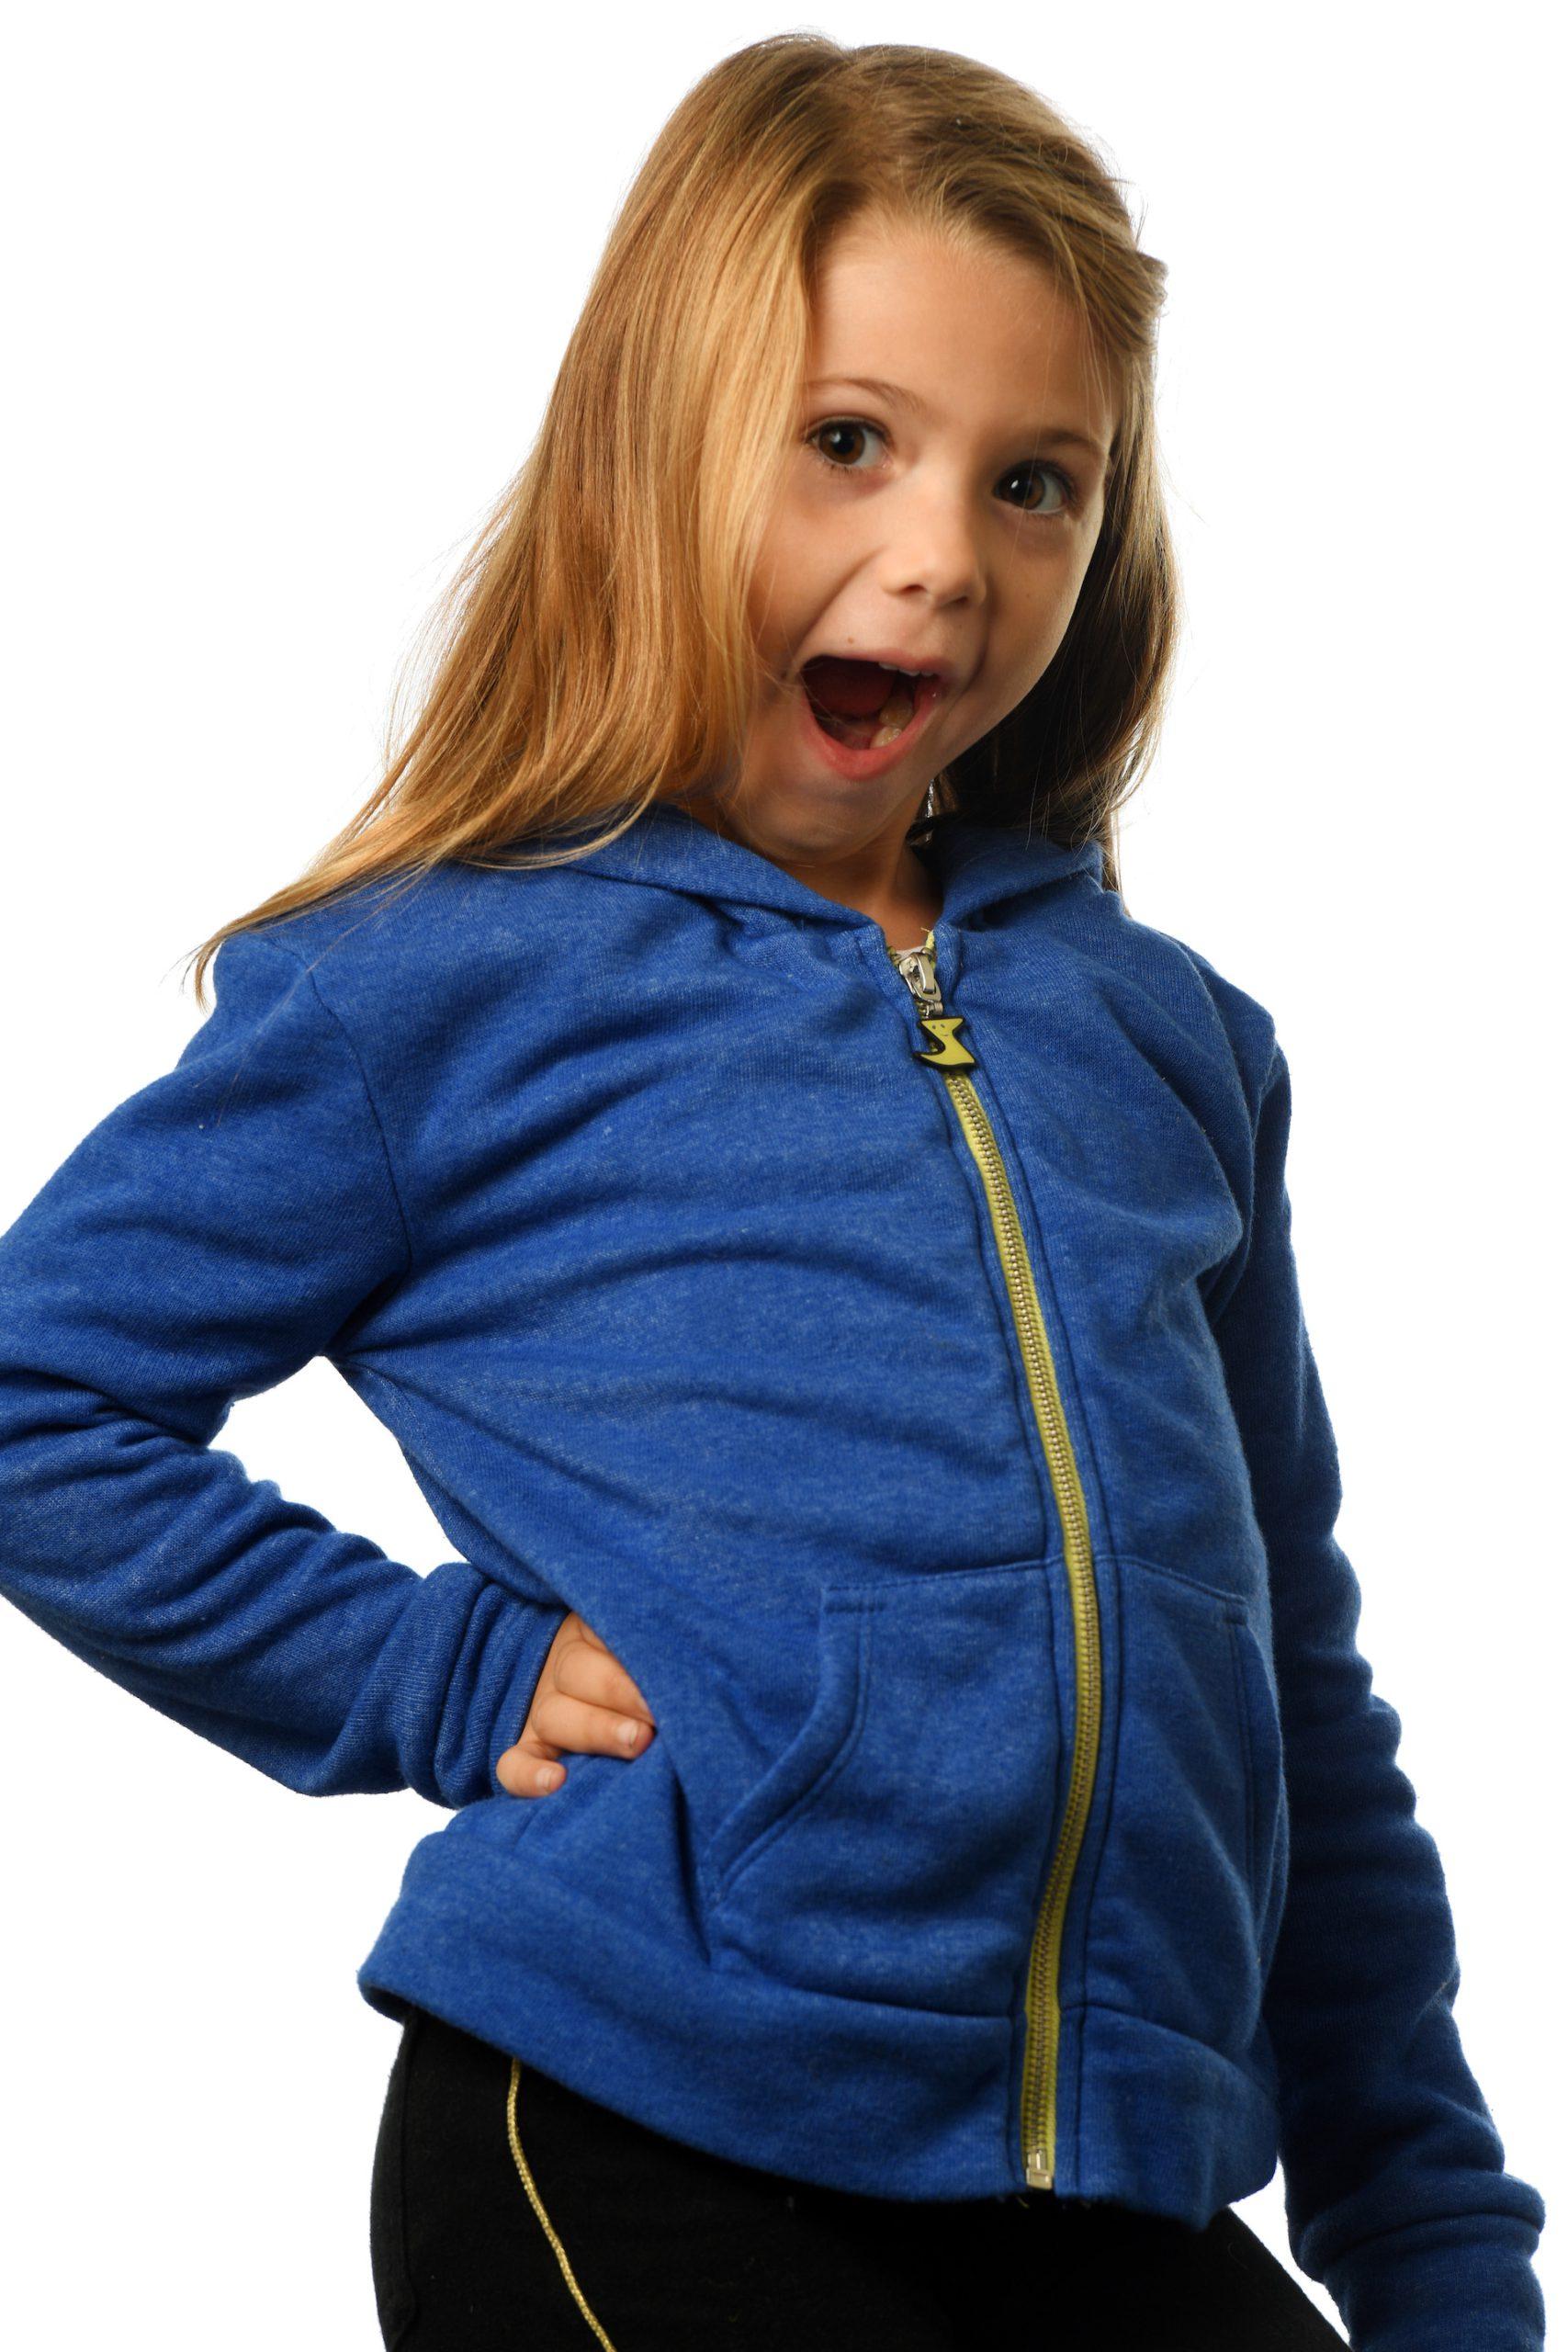 GG 899- Kids Zip hoodie front 2